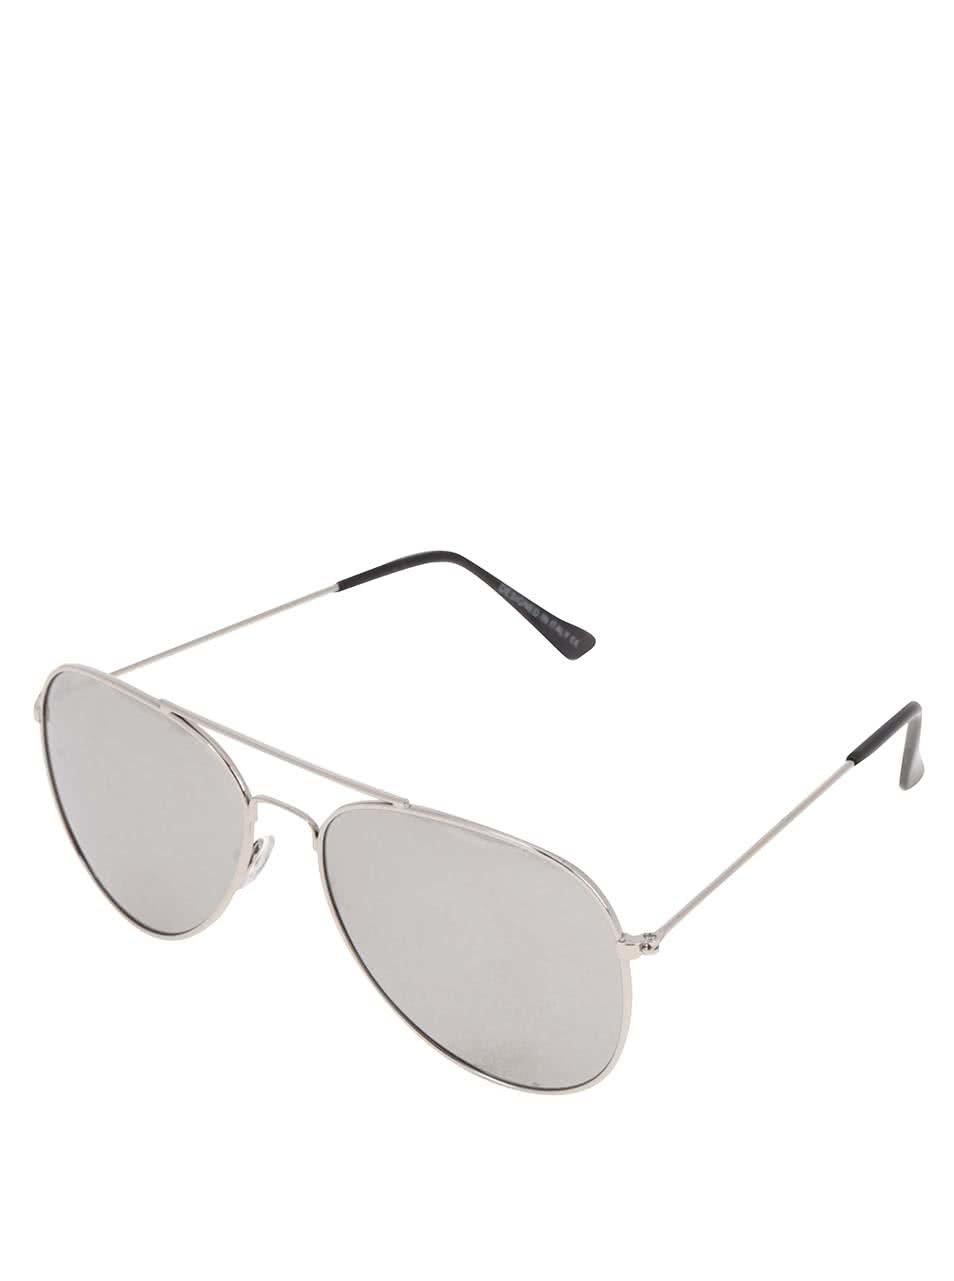 Sluneční brýle s obroučkami ve stříbrné barvě Haily´s Pilot